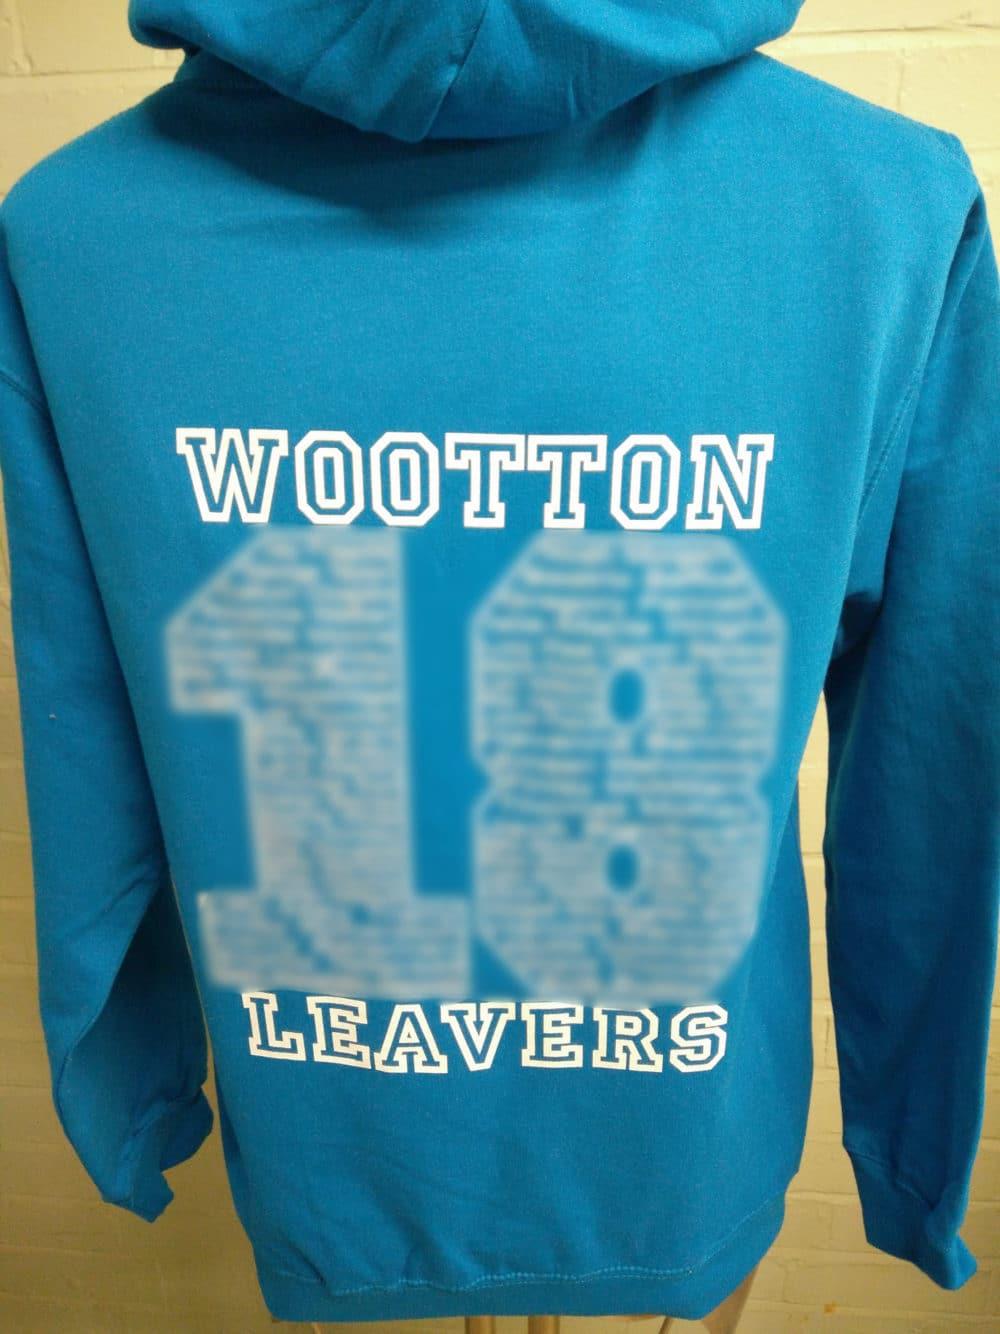 Wootton Primary School Blue Custom Printed Leavers Hoodies 2018 2